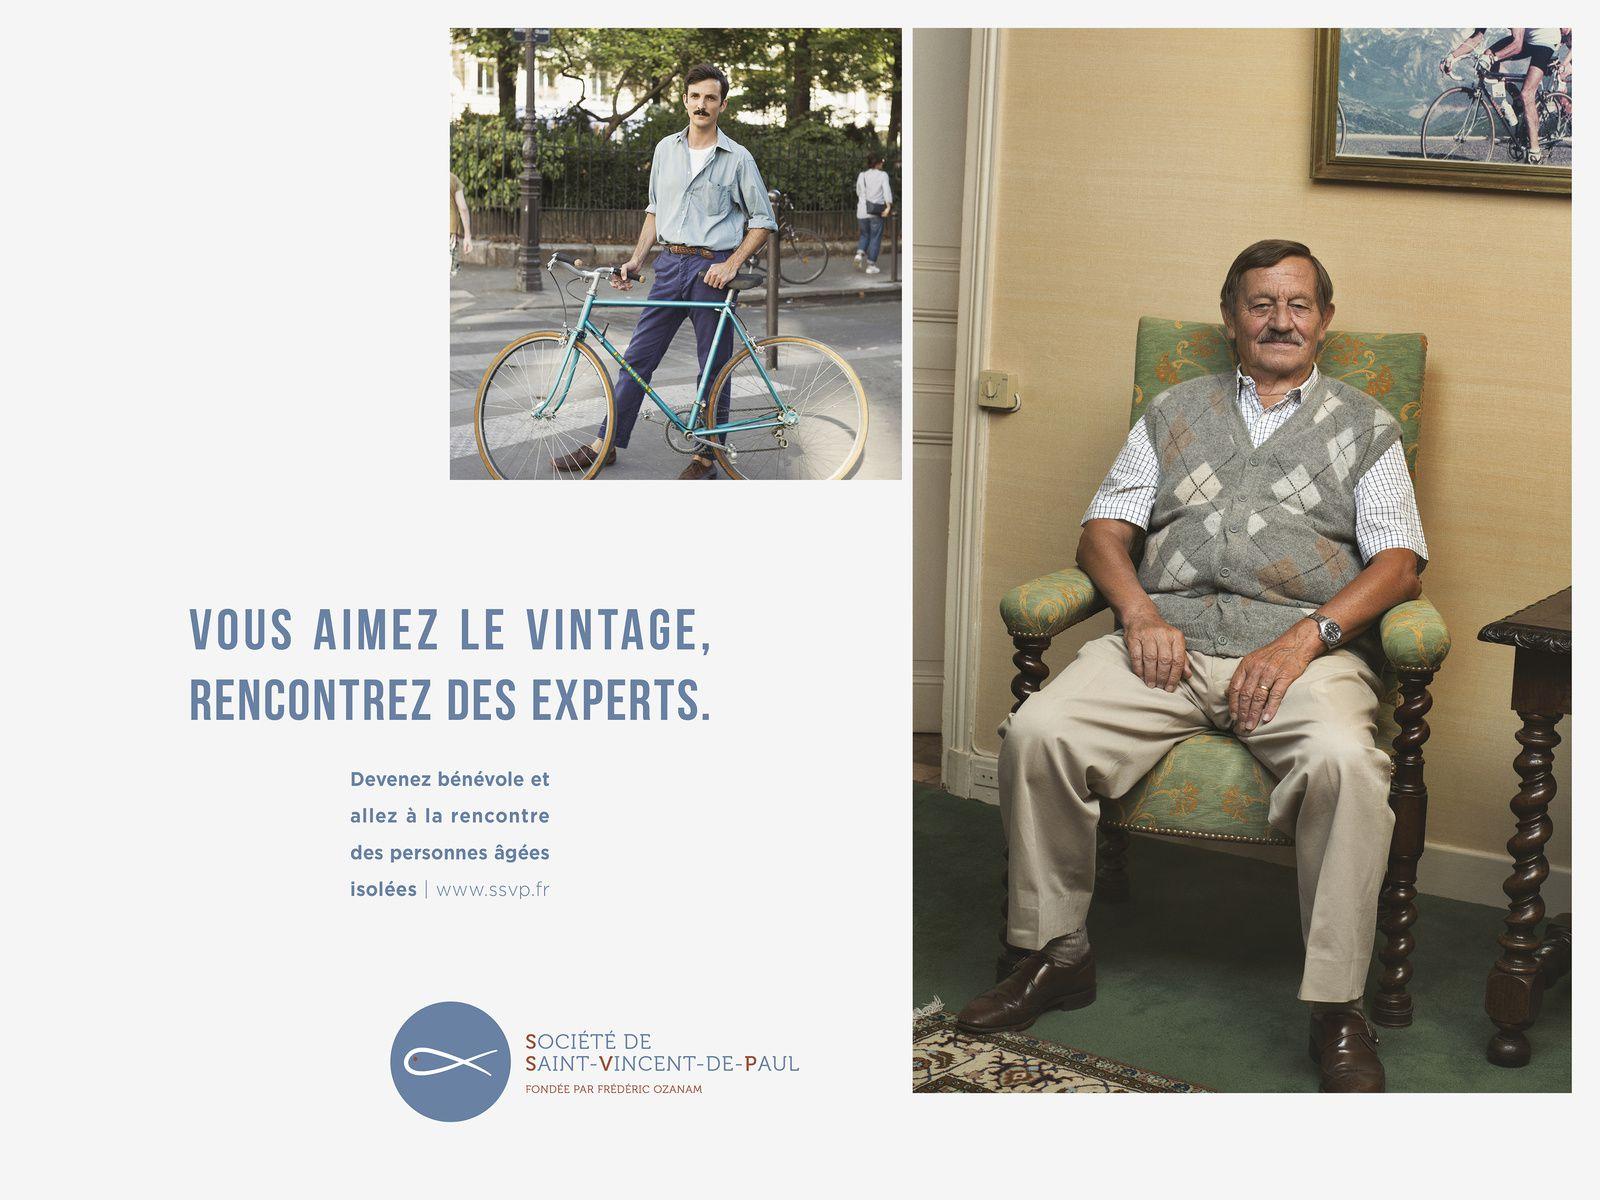 LA SOCIÉTÉ DE SAINT-VINCENT-DE-PAUL CONNECTE LES GÉNÉRATIONS GRÂCE AU VINTAGE